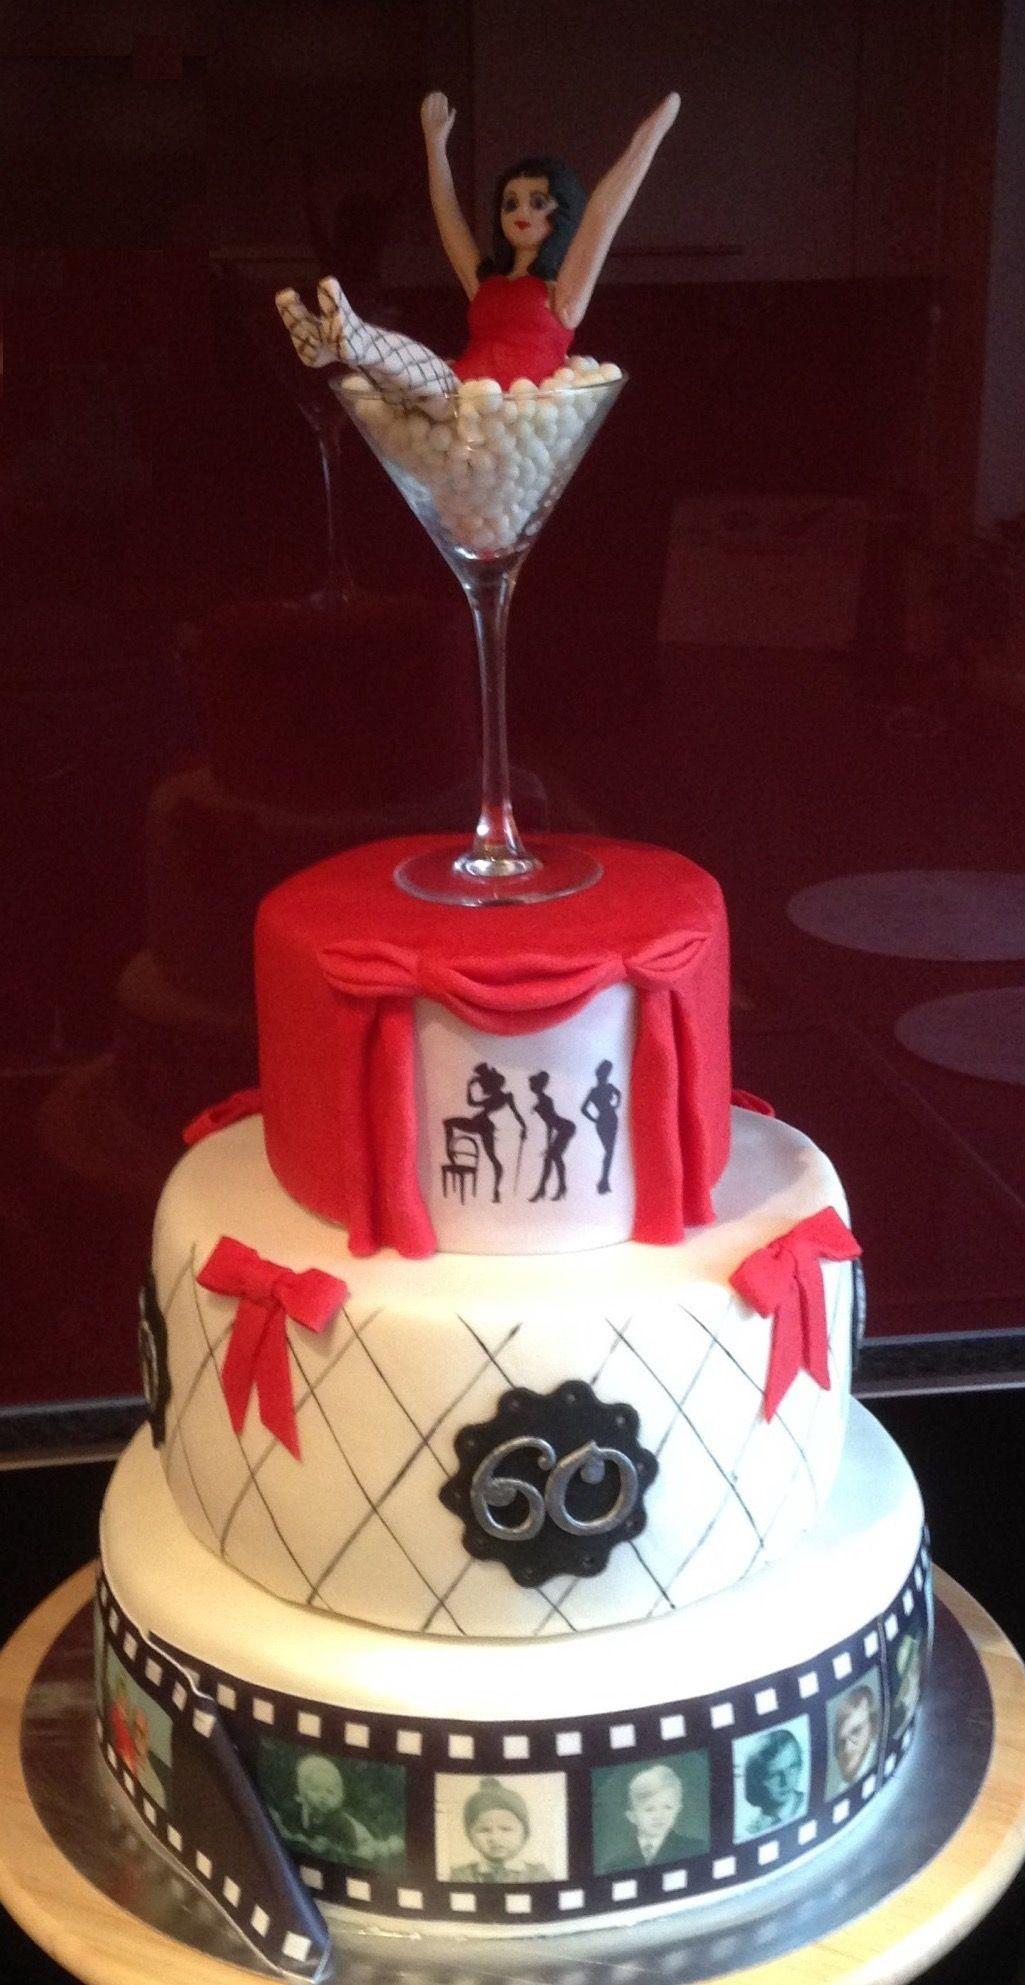 Kuchen Bilder Zum Geburtstag Ein Jahr Kuchen Geburtstag Kuchen Mit